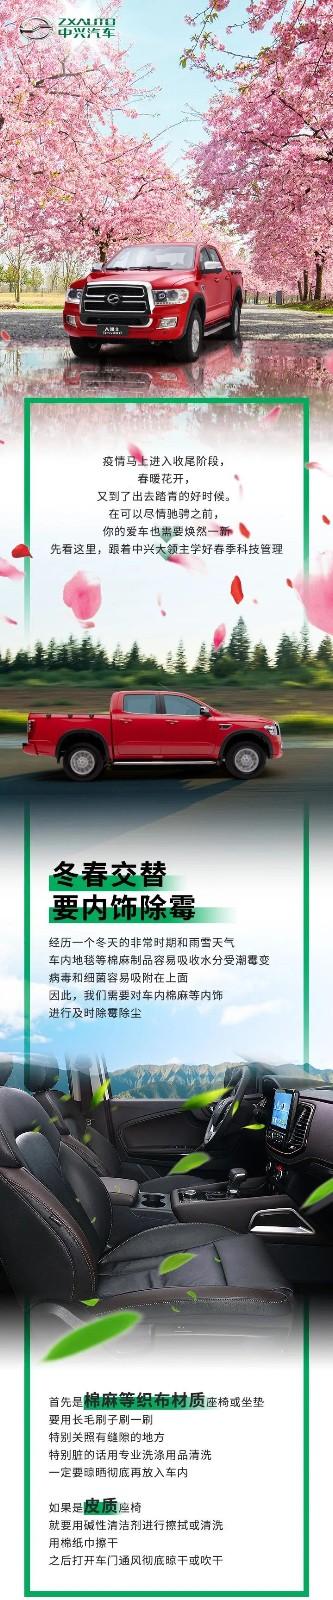 寰俊鍥劇墖_20200403113141.jpg